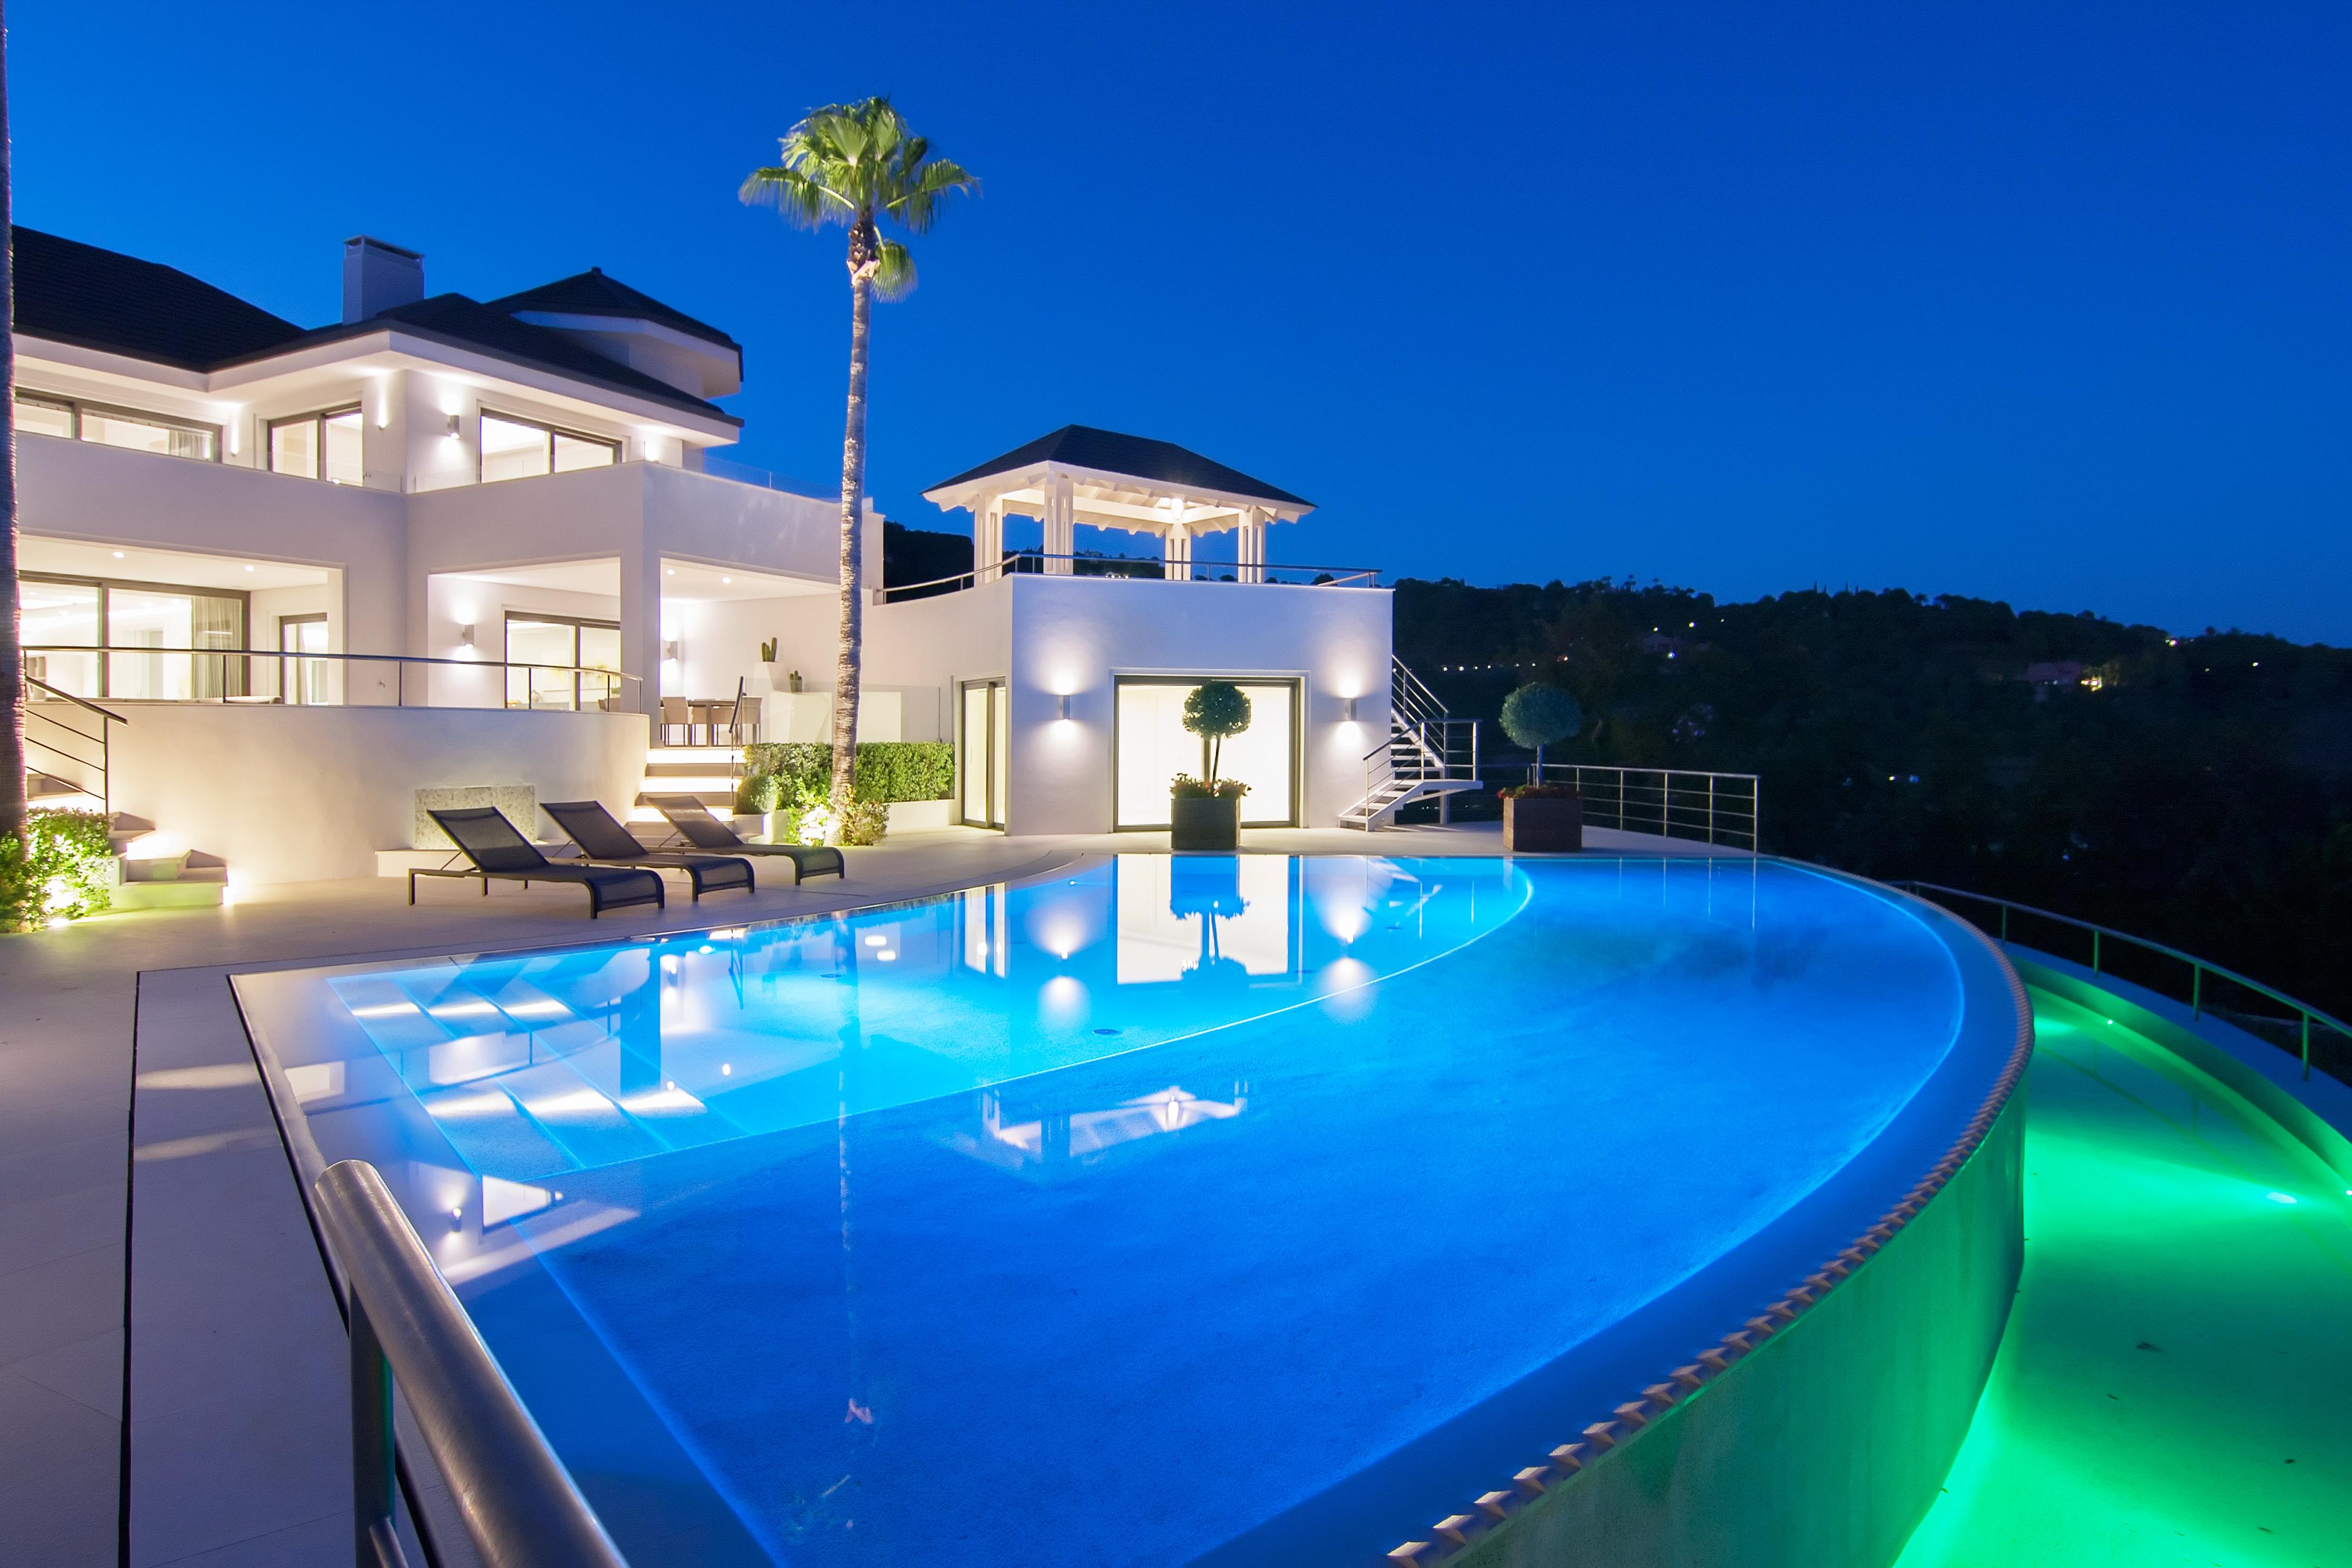 Marbella  Necesidad de nuevas construcciones